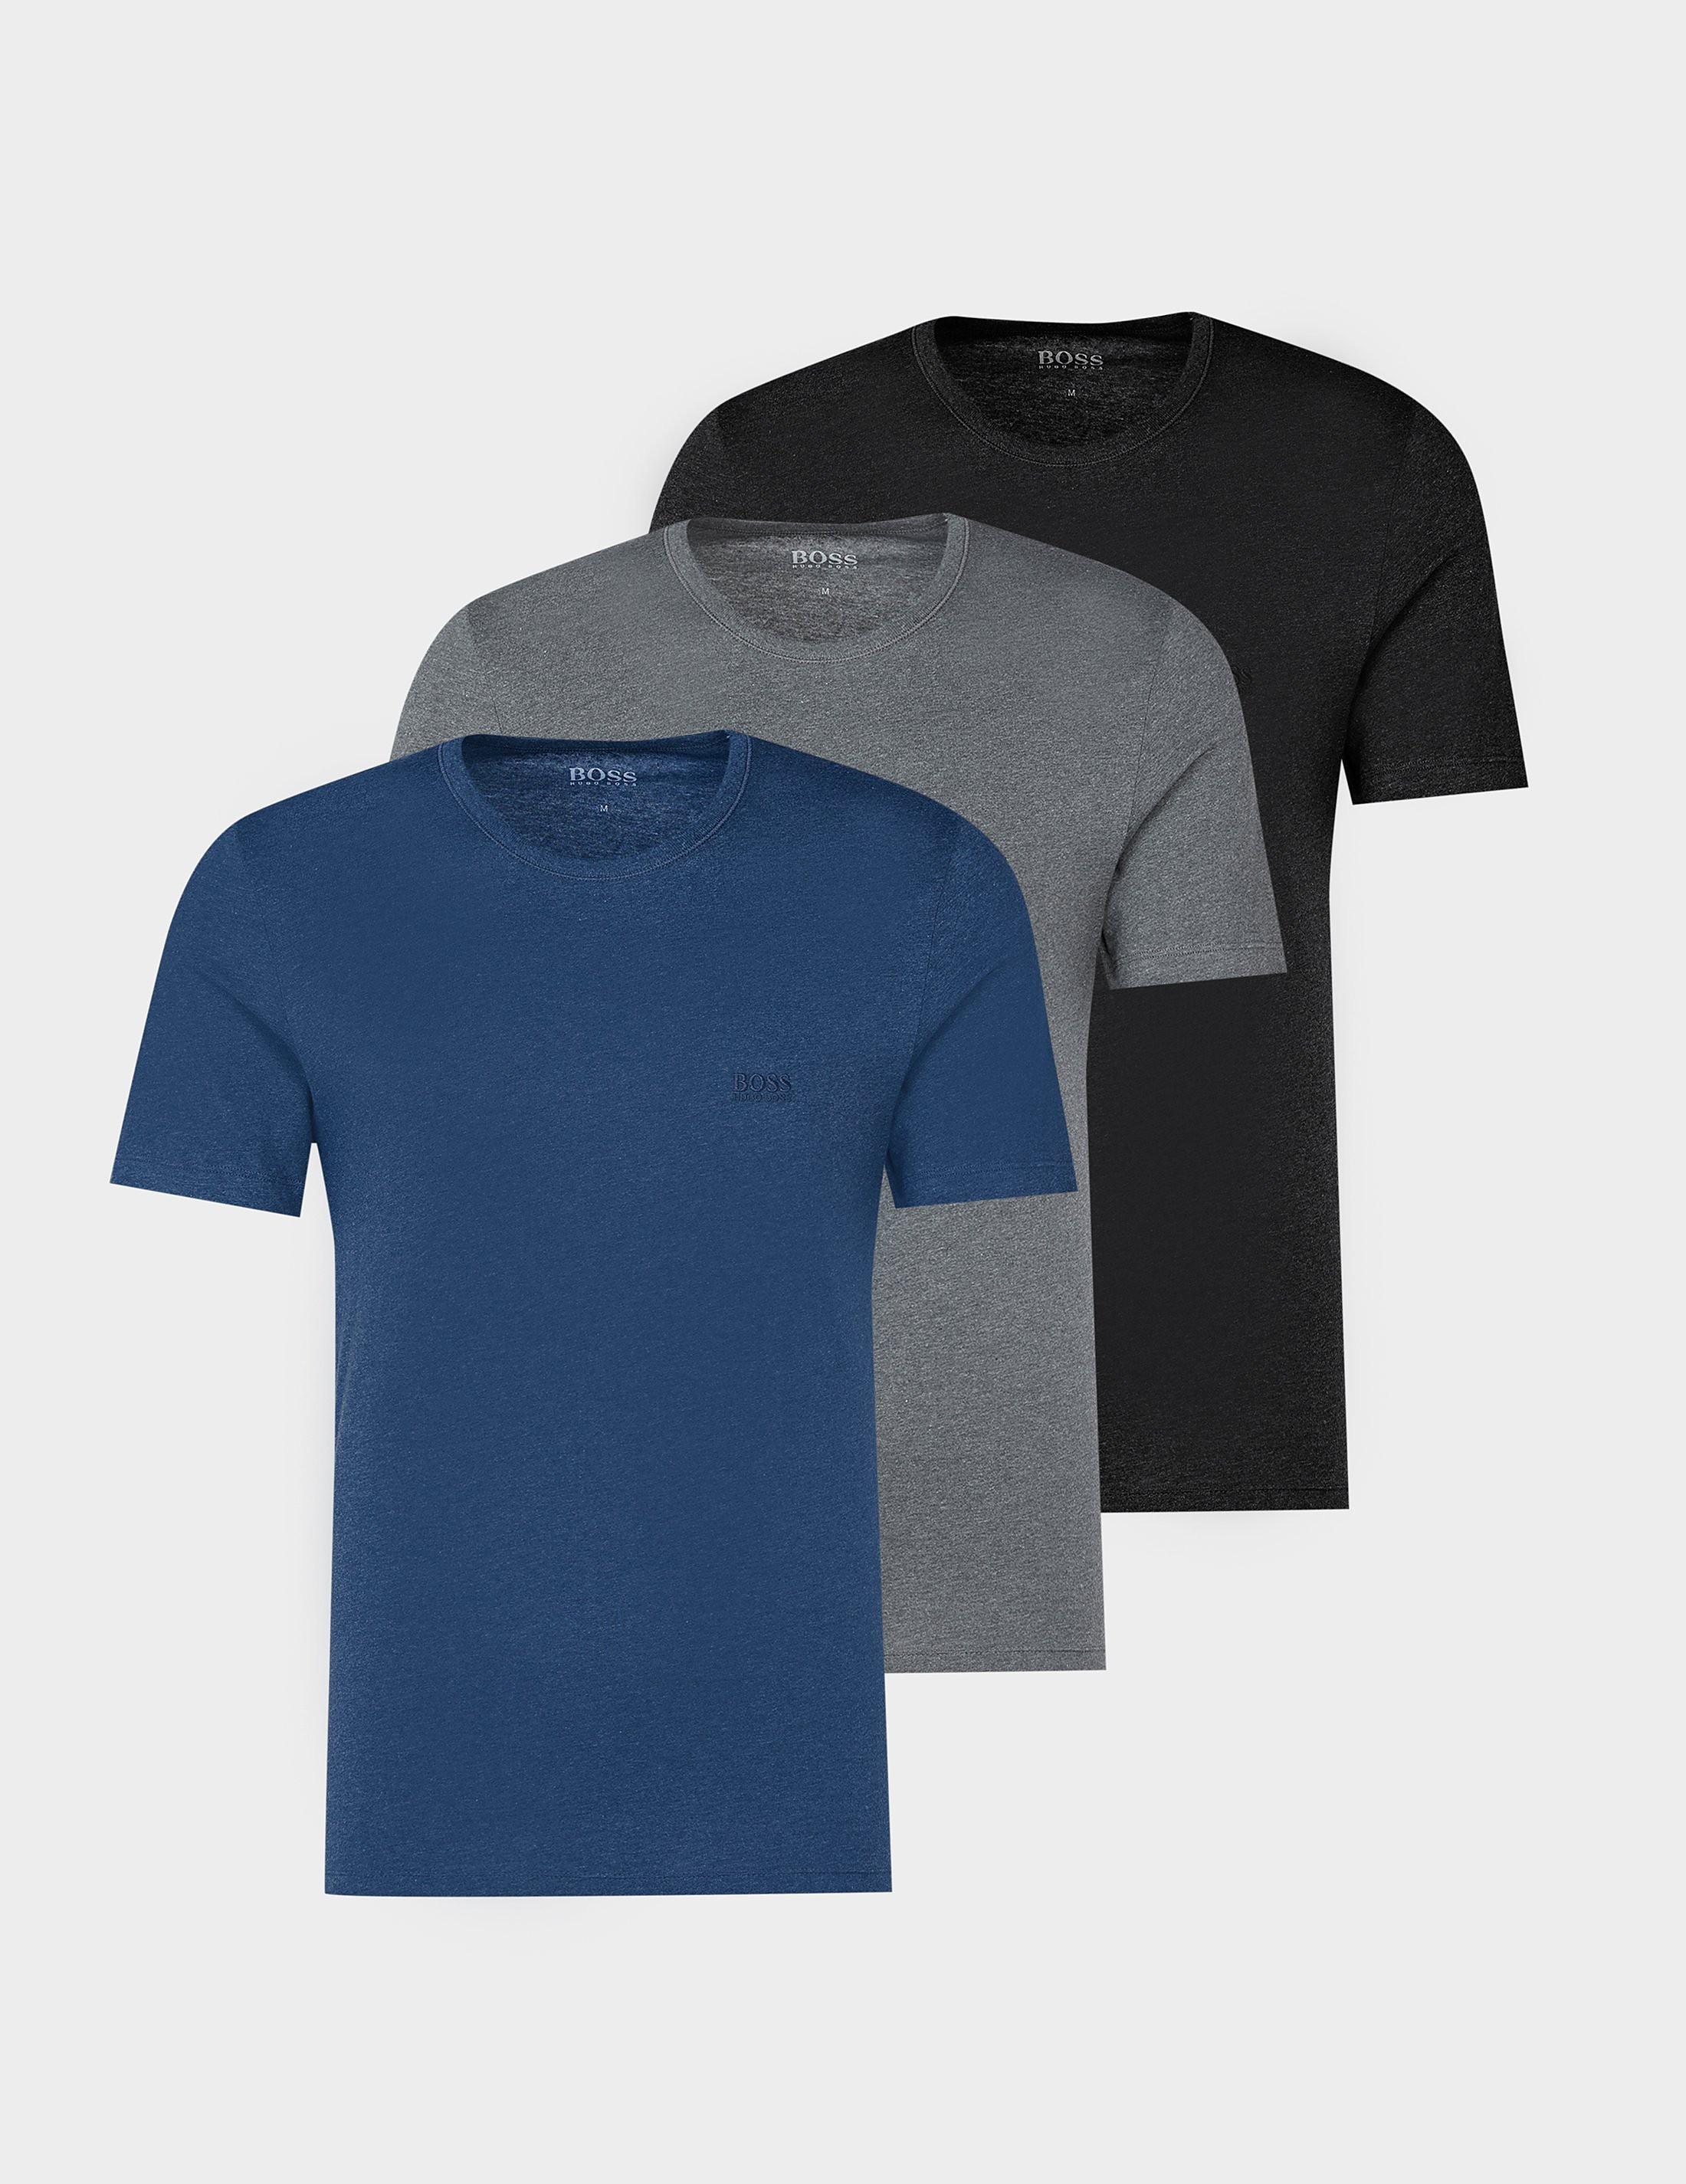 BOSS 3-Pack Short Sleeve Crew T-Shirt